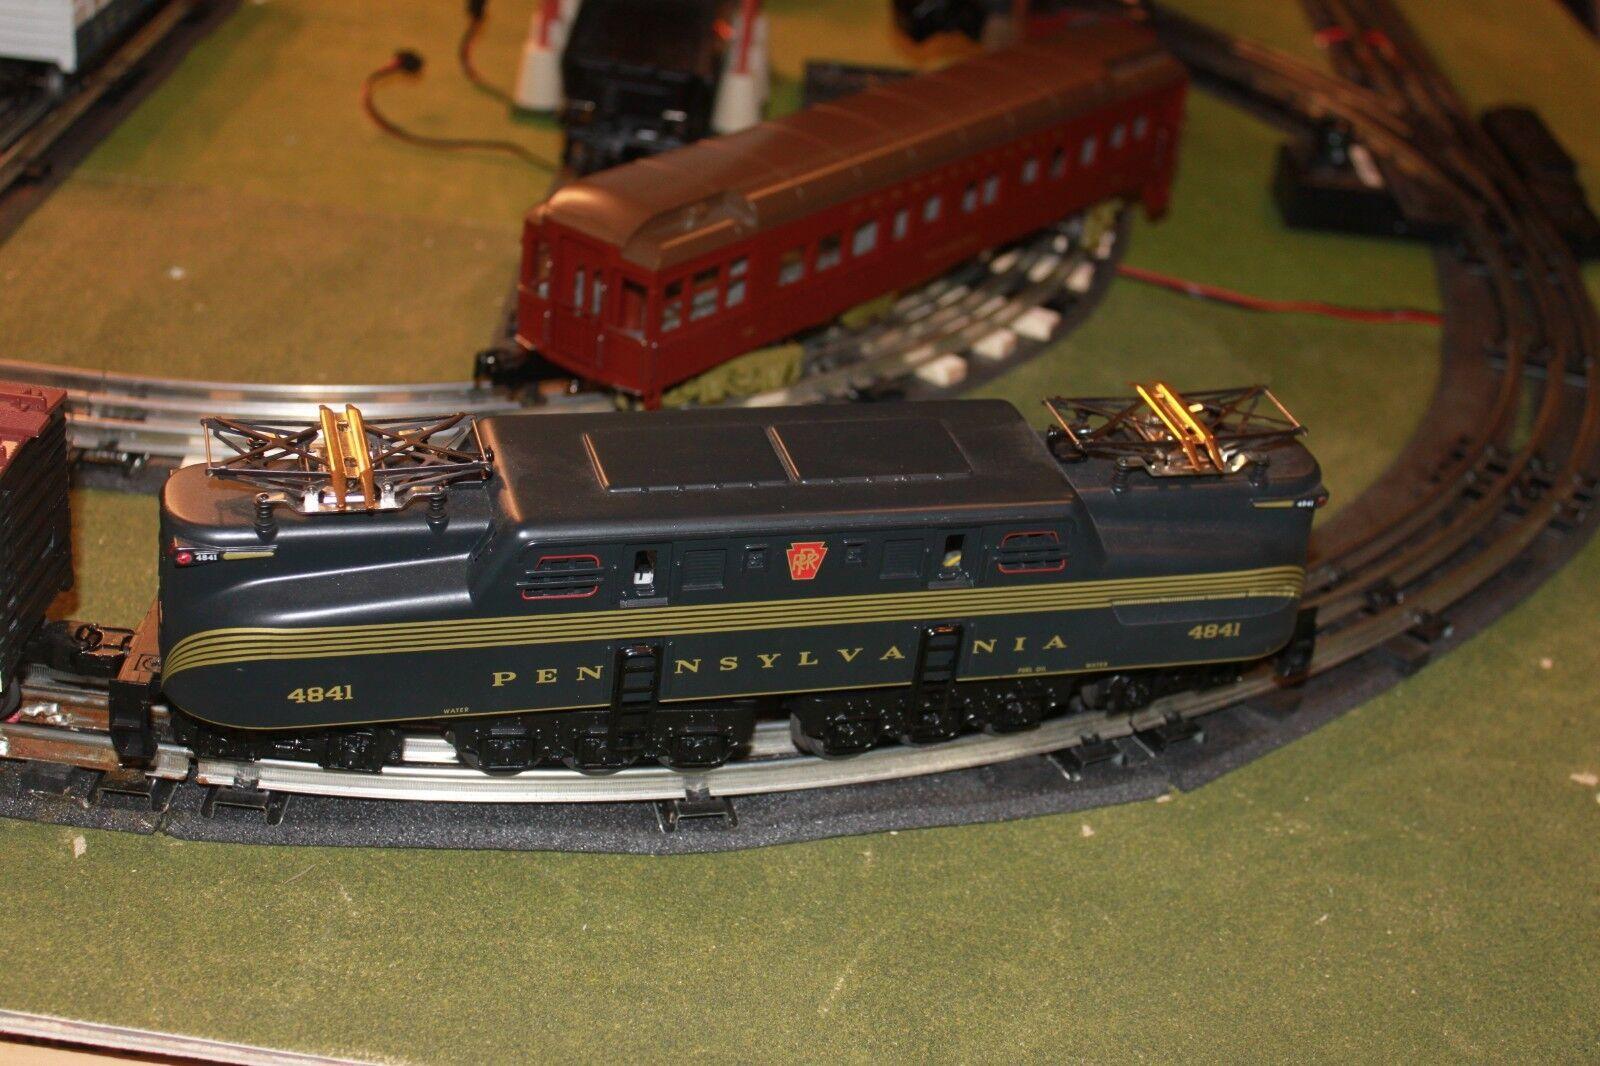 Conjunto de tren de cerveza GG-1 Express Con Sonido projoo - 2.0 30-2592-1 MTH